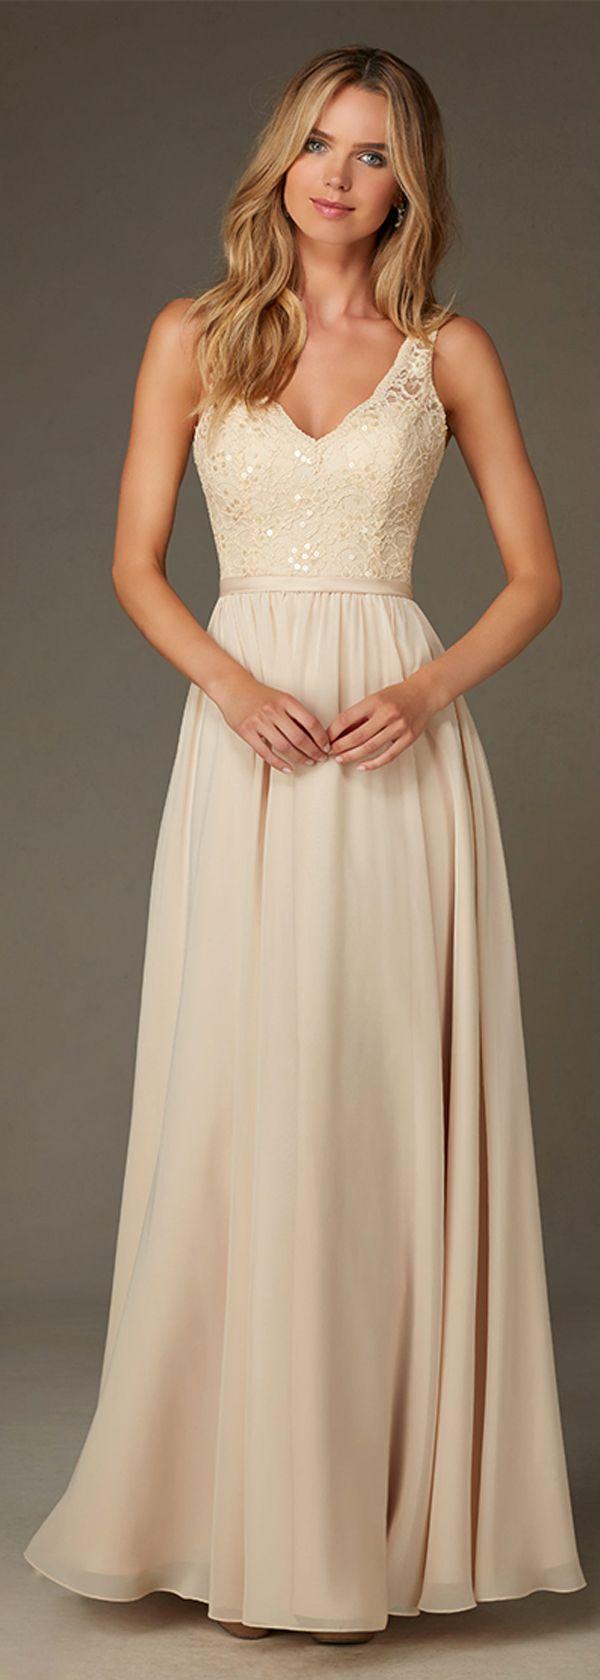 Elegant Chiffon V-neck Natural Waistline Floor-length A-line Bridesmaid Dresses